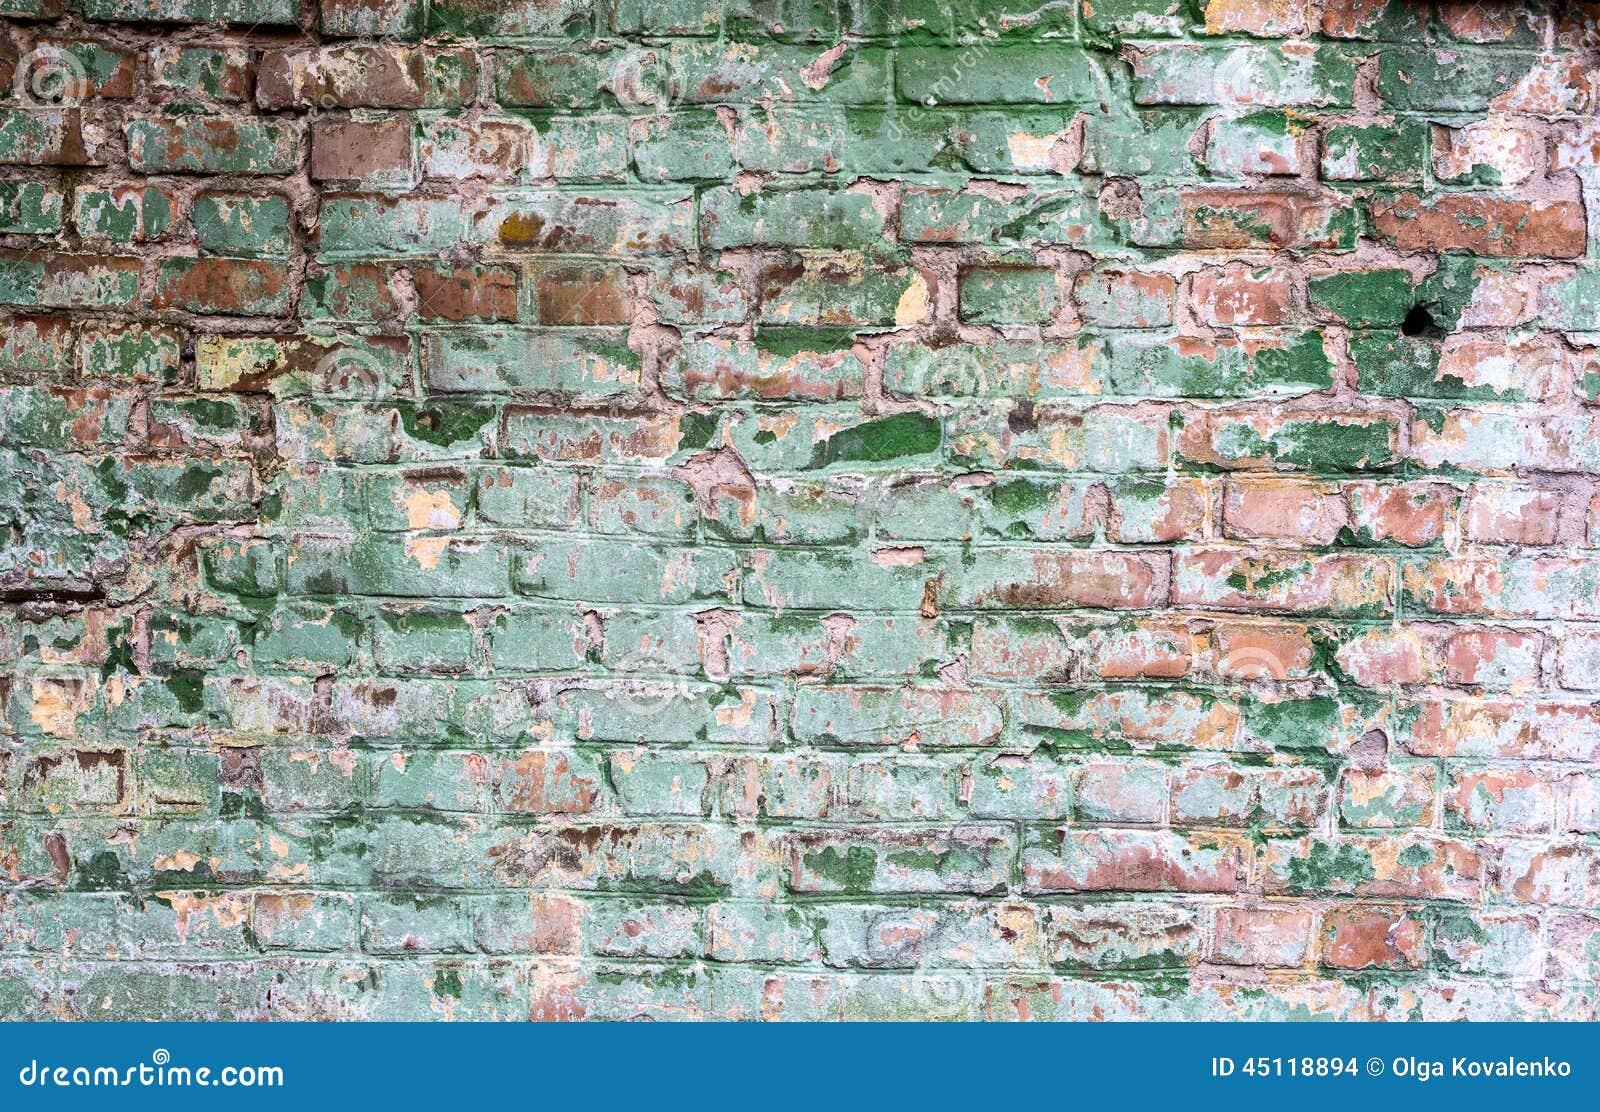 Hintergrund Der Schmutzigen Backsteinmauer Der Alten Weinlese Mit Schalengips Stockfoto   Bild ...